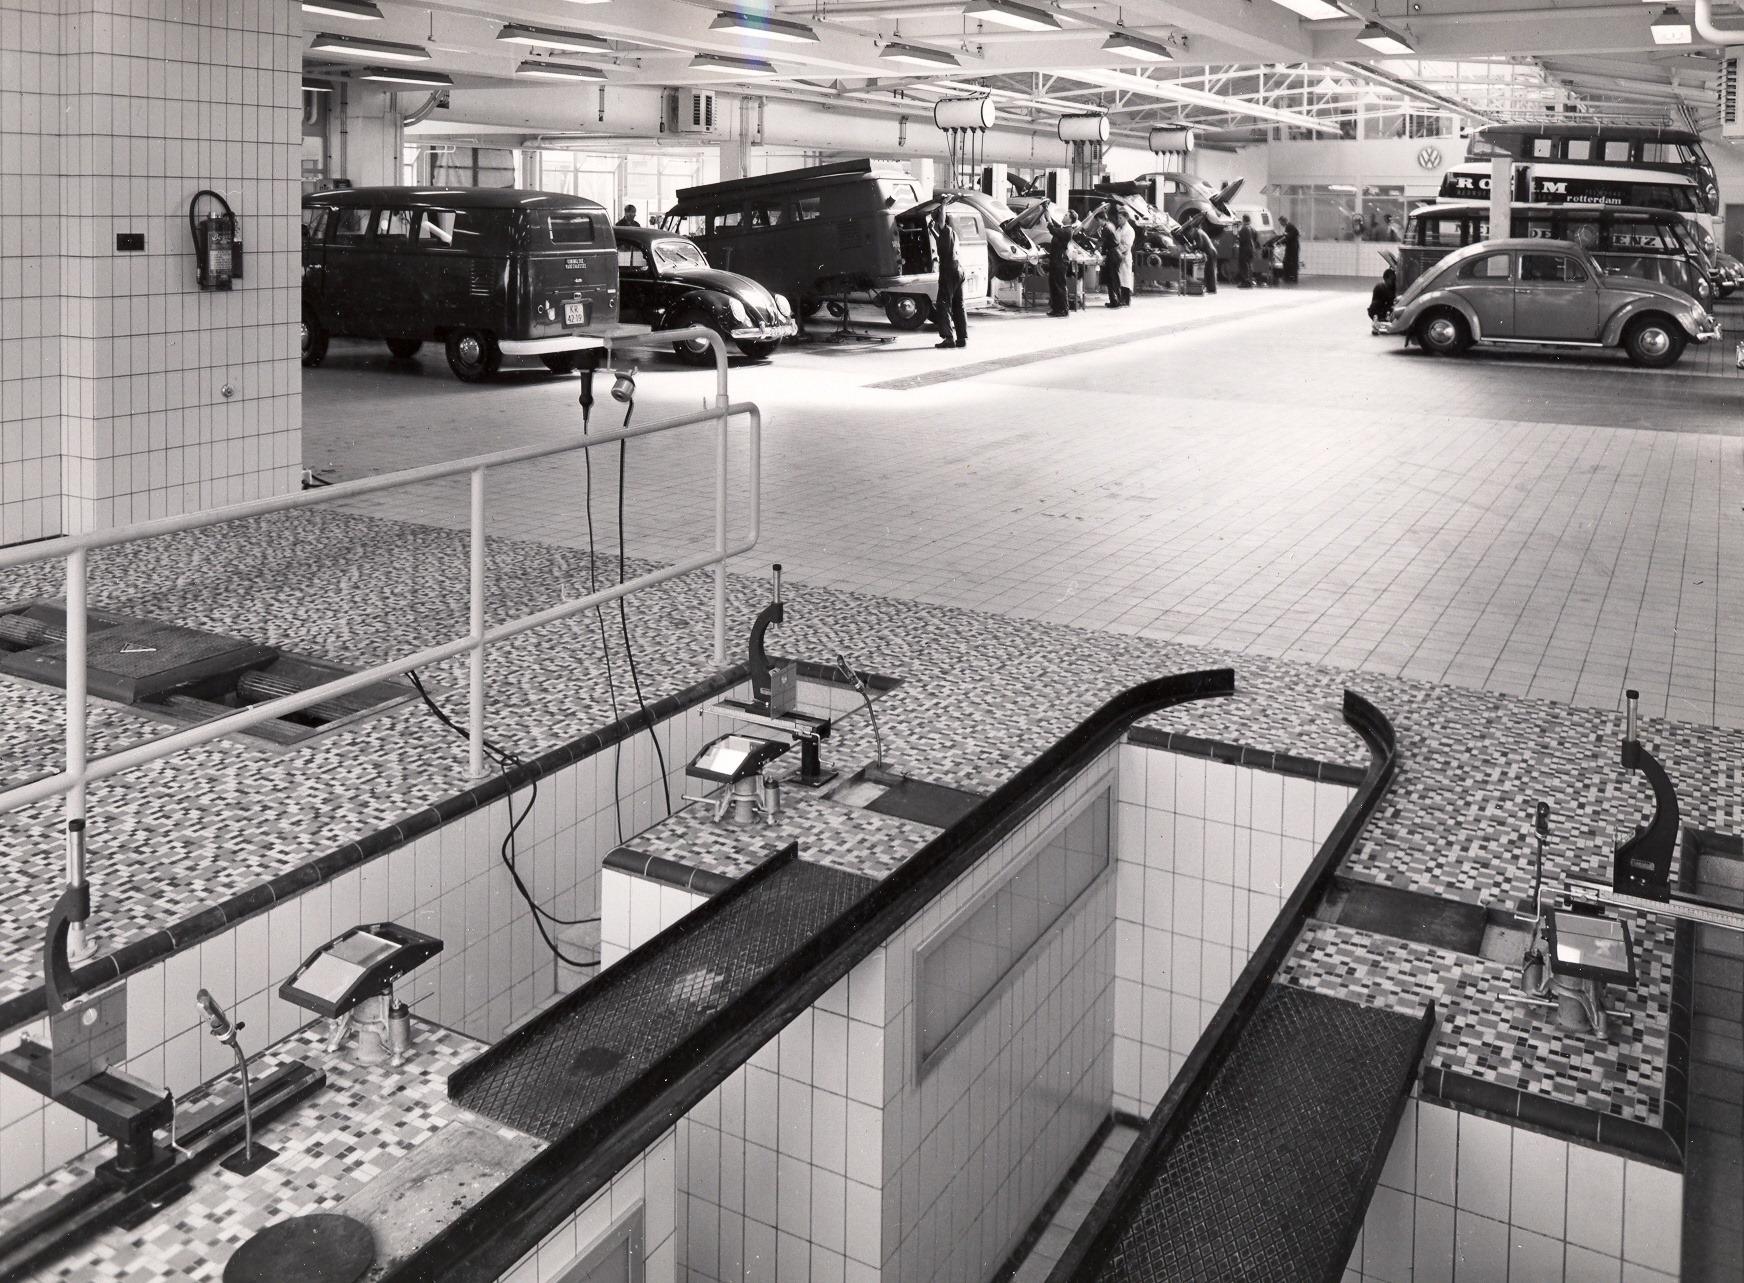 Auto-Hoogenboom--dealer-van-Volkswagen-in-Groot-Rotterdam--Diverse-vestigingen-zijn-hier-afgebeeld--ca-1990-Ronald-Jacobse-archief-8